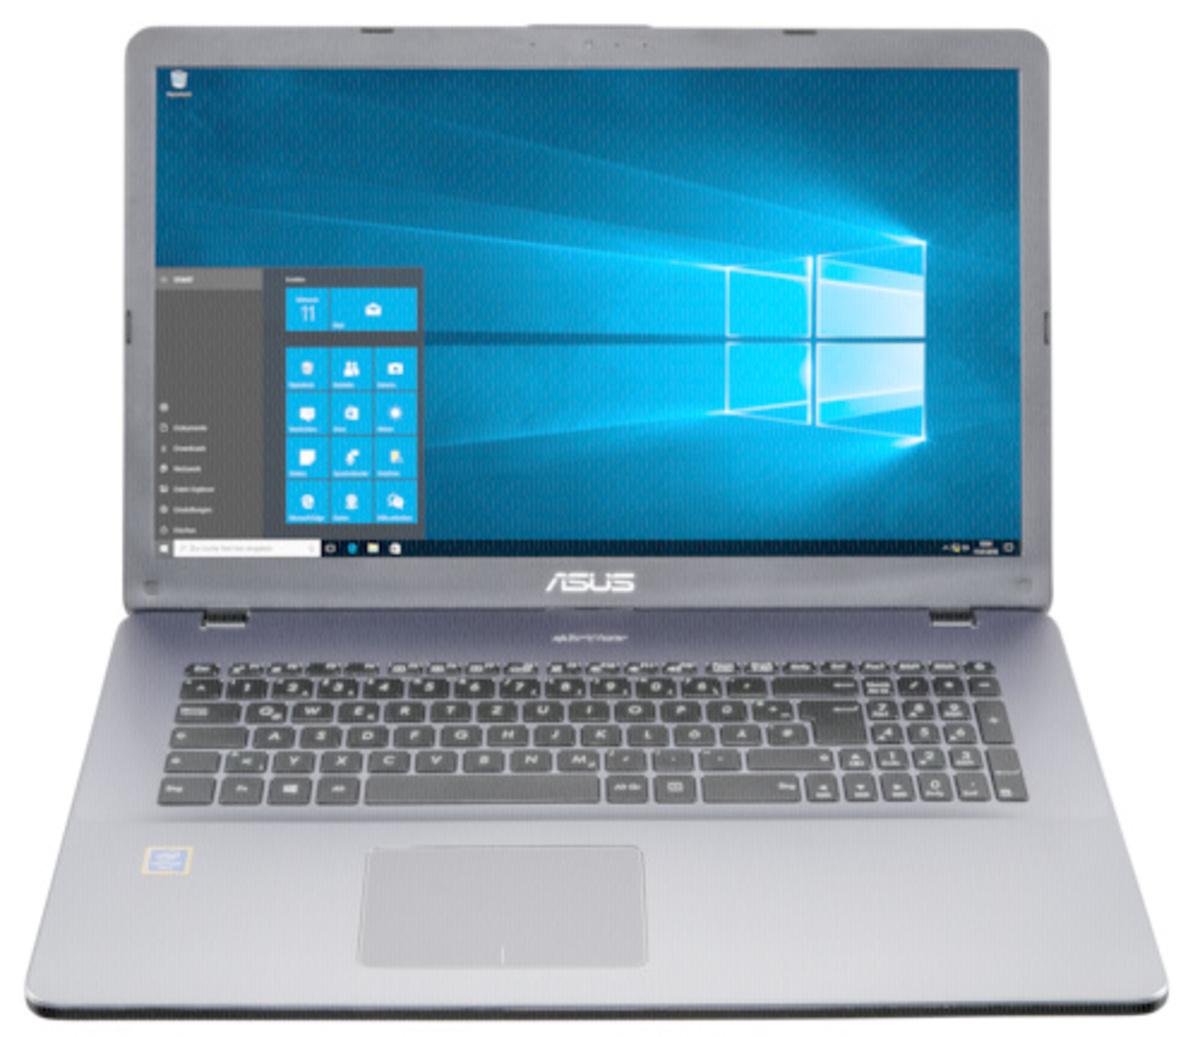 Bild 1 von Asus Laptop 43,94cm (17,3 Zoll) F705UA-BX831T , 4GB RAM, 1TB Speicher, Windows10